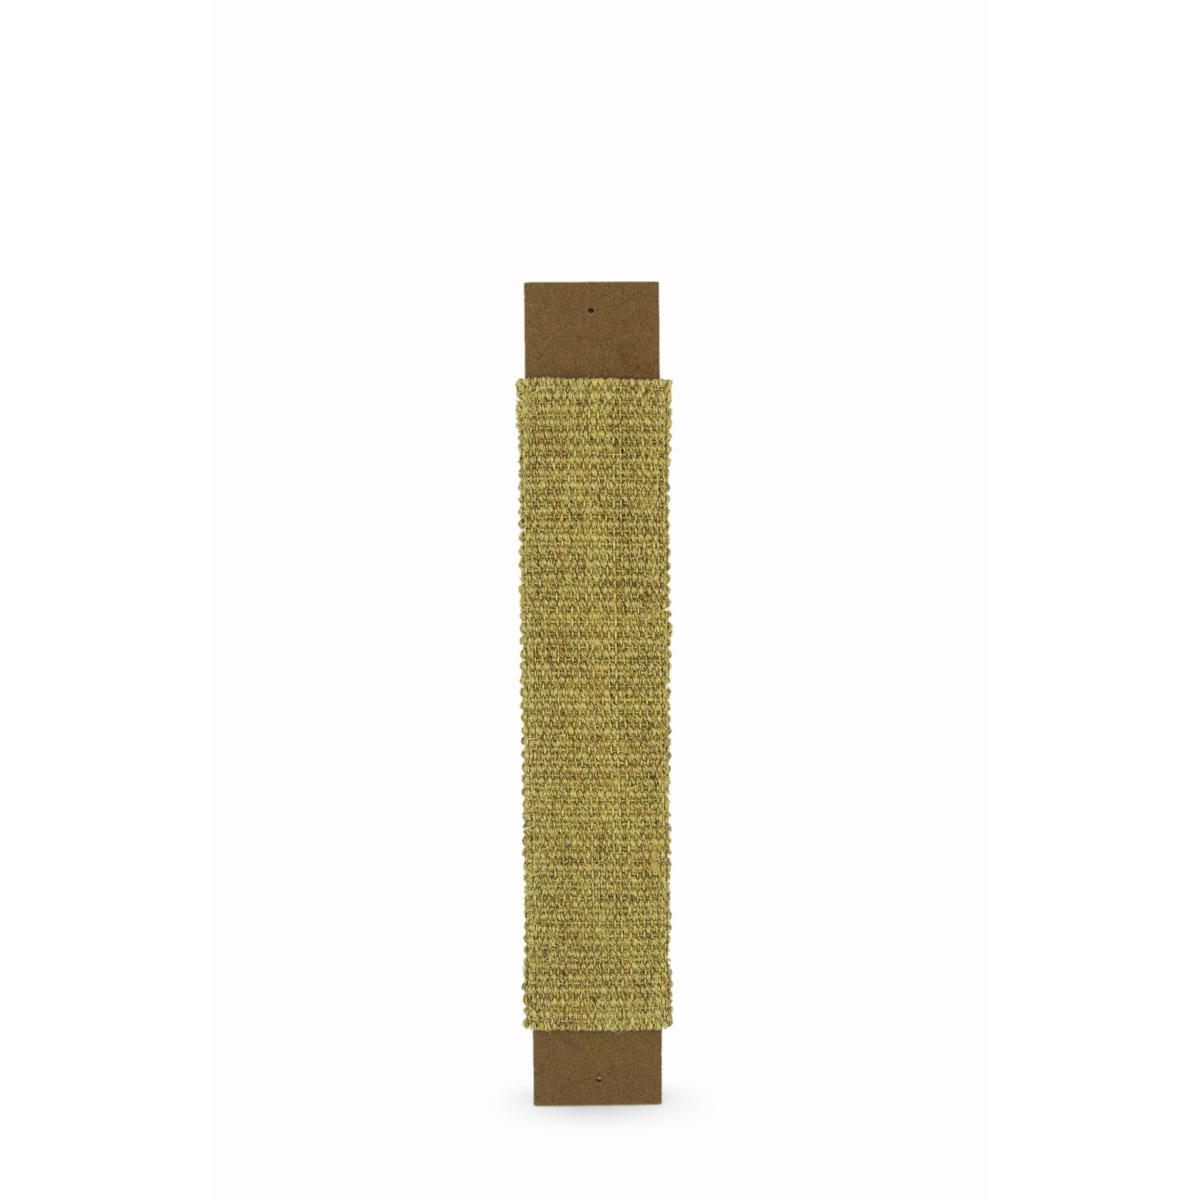 COM-KRABPLANK-JABO-STAND.BEIGE-00001